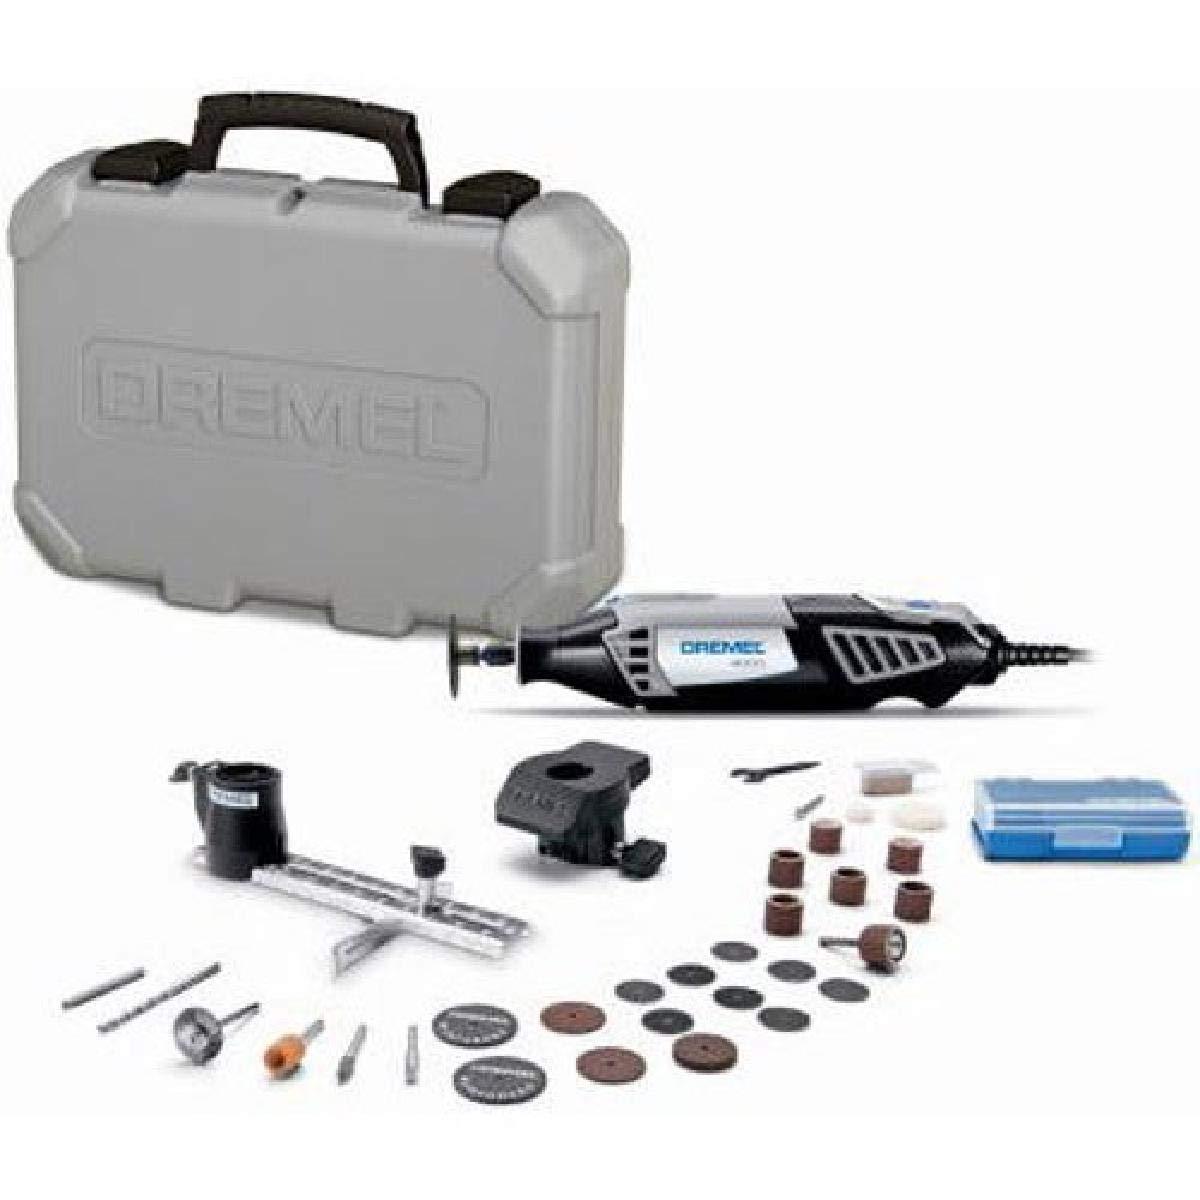 Dremel 4000 Rotary Tool Kit